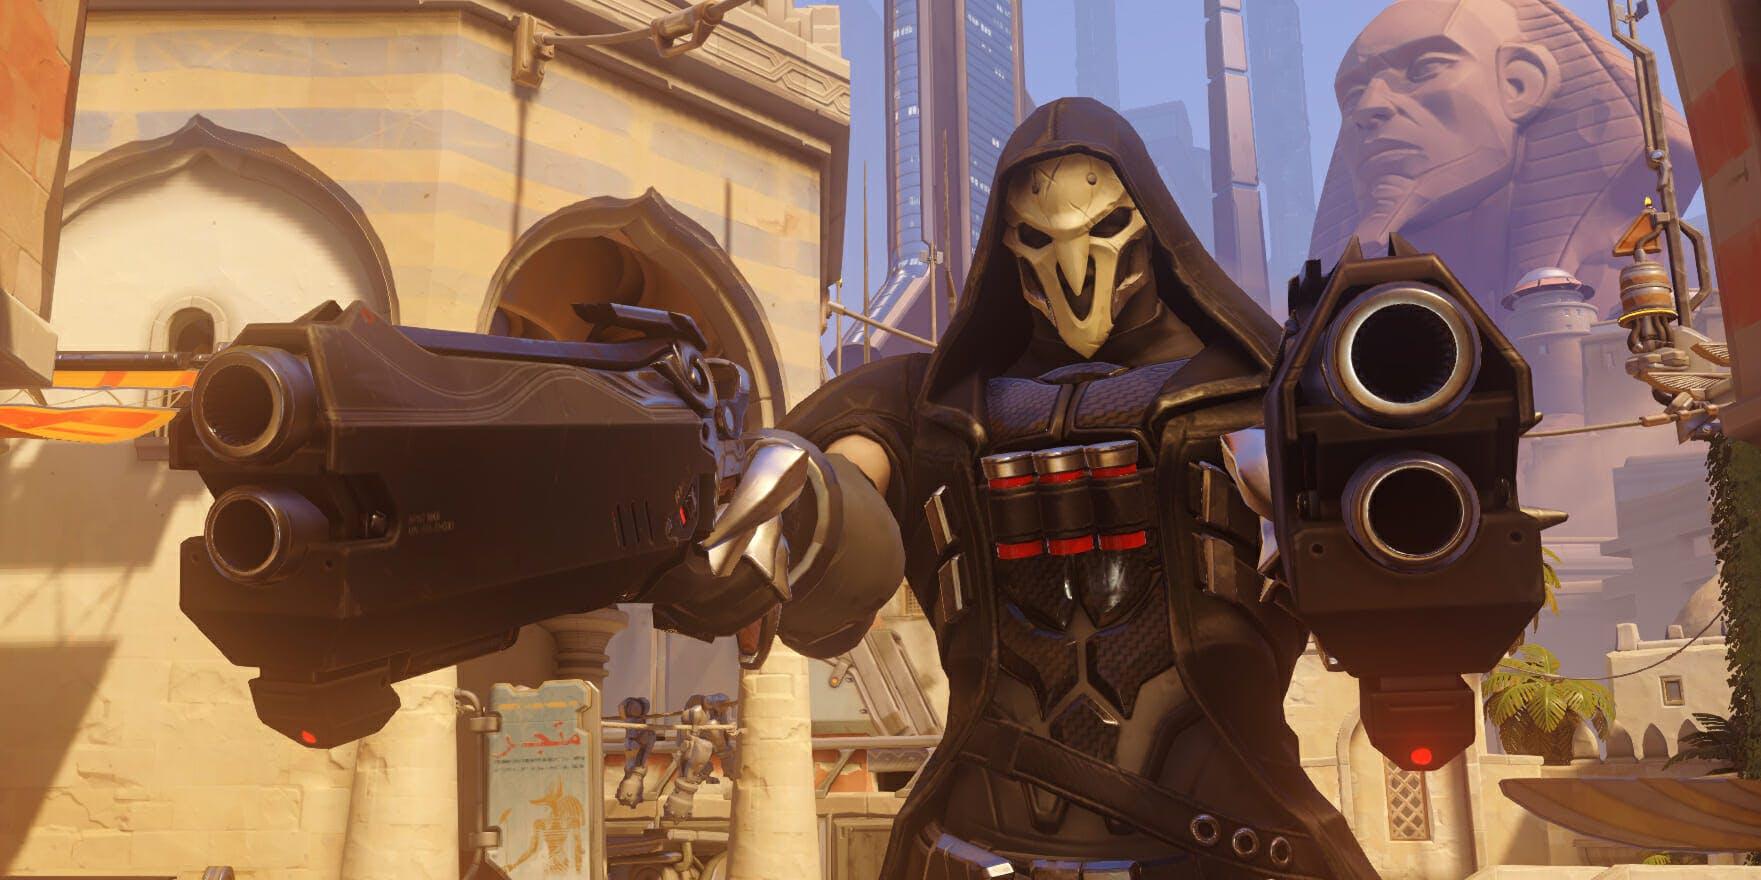 Best Overwatch Character Reaper